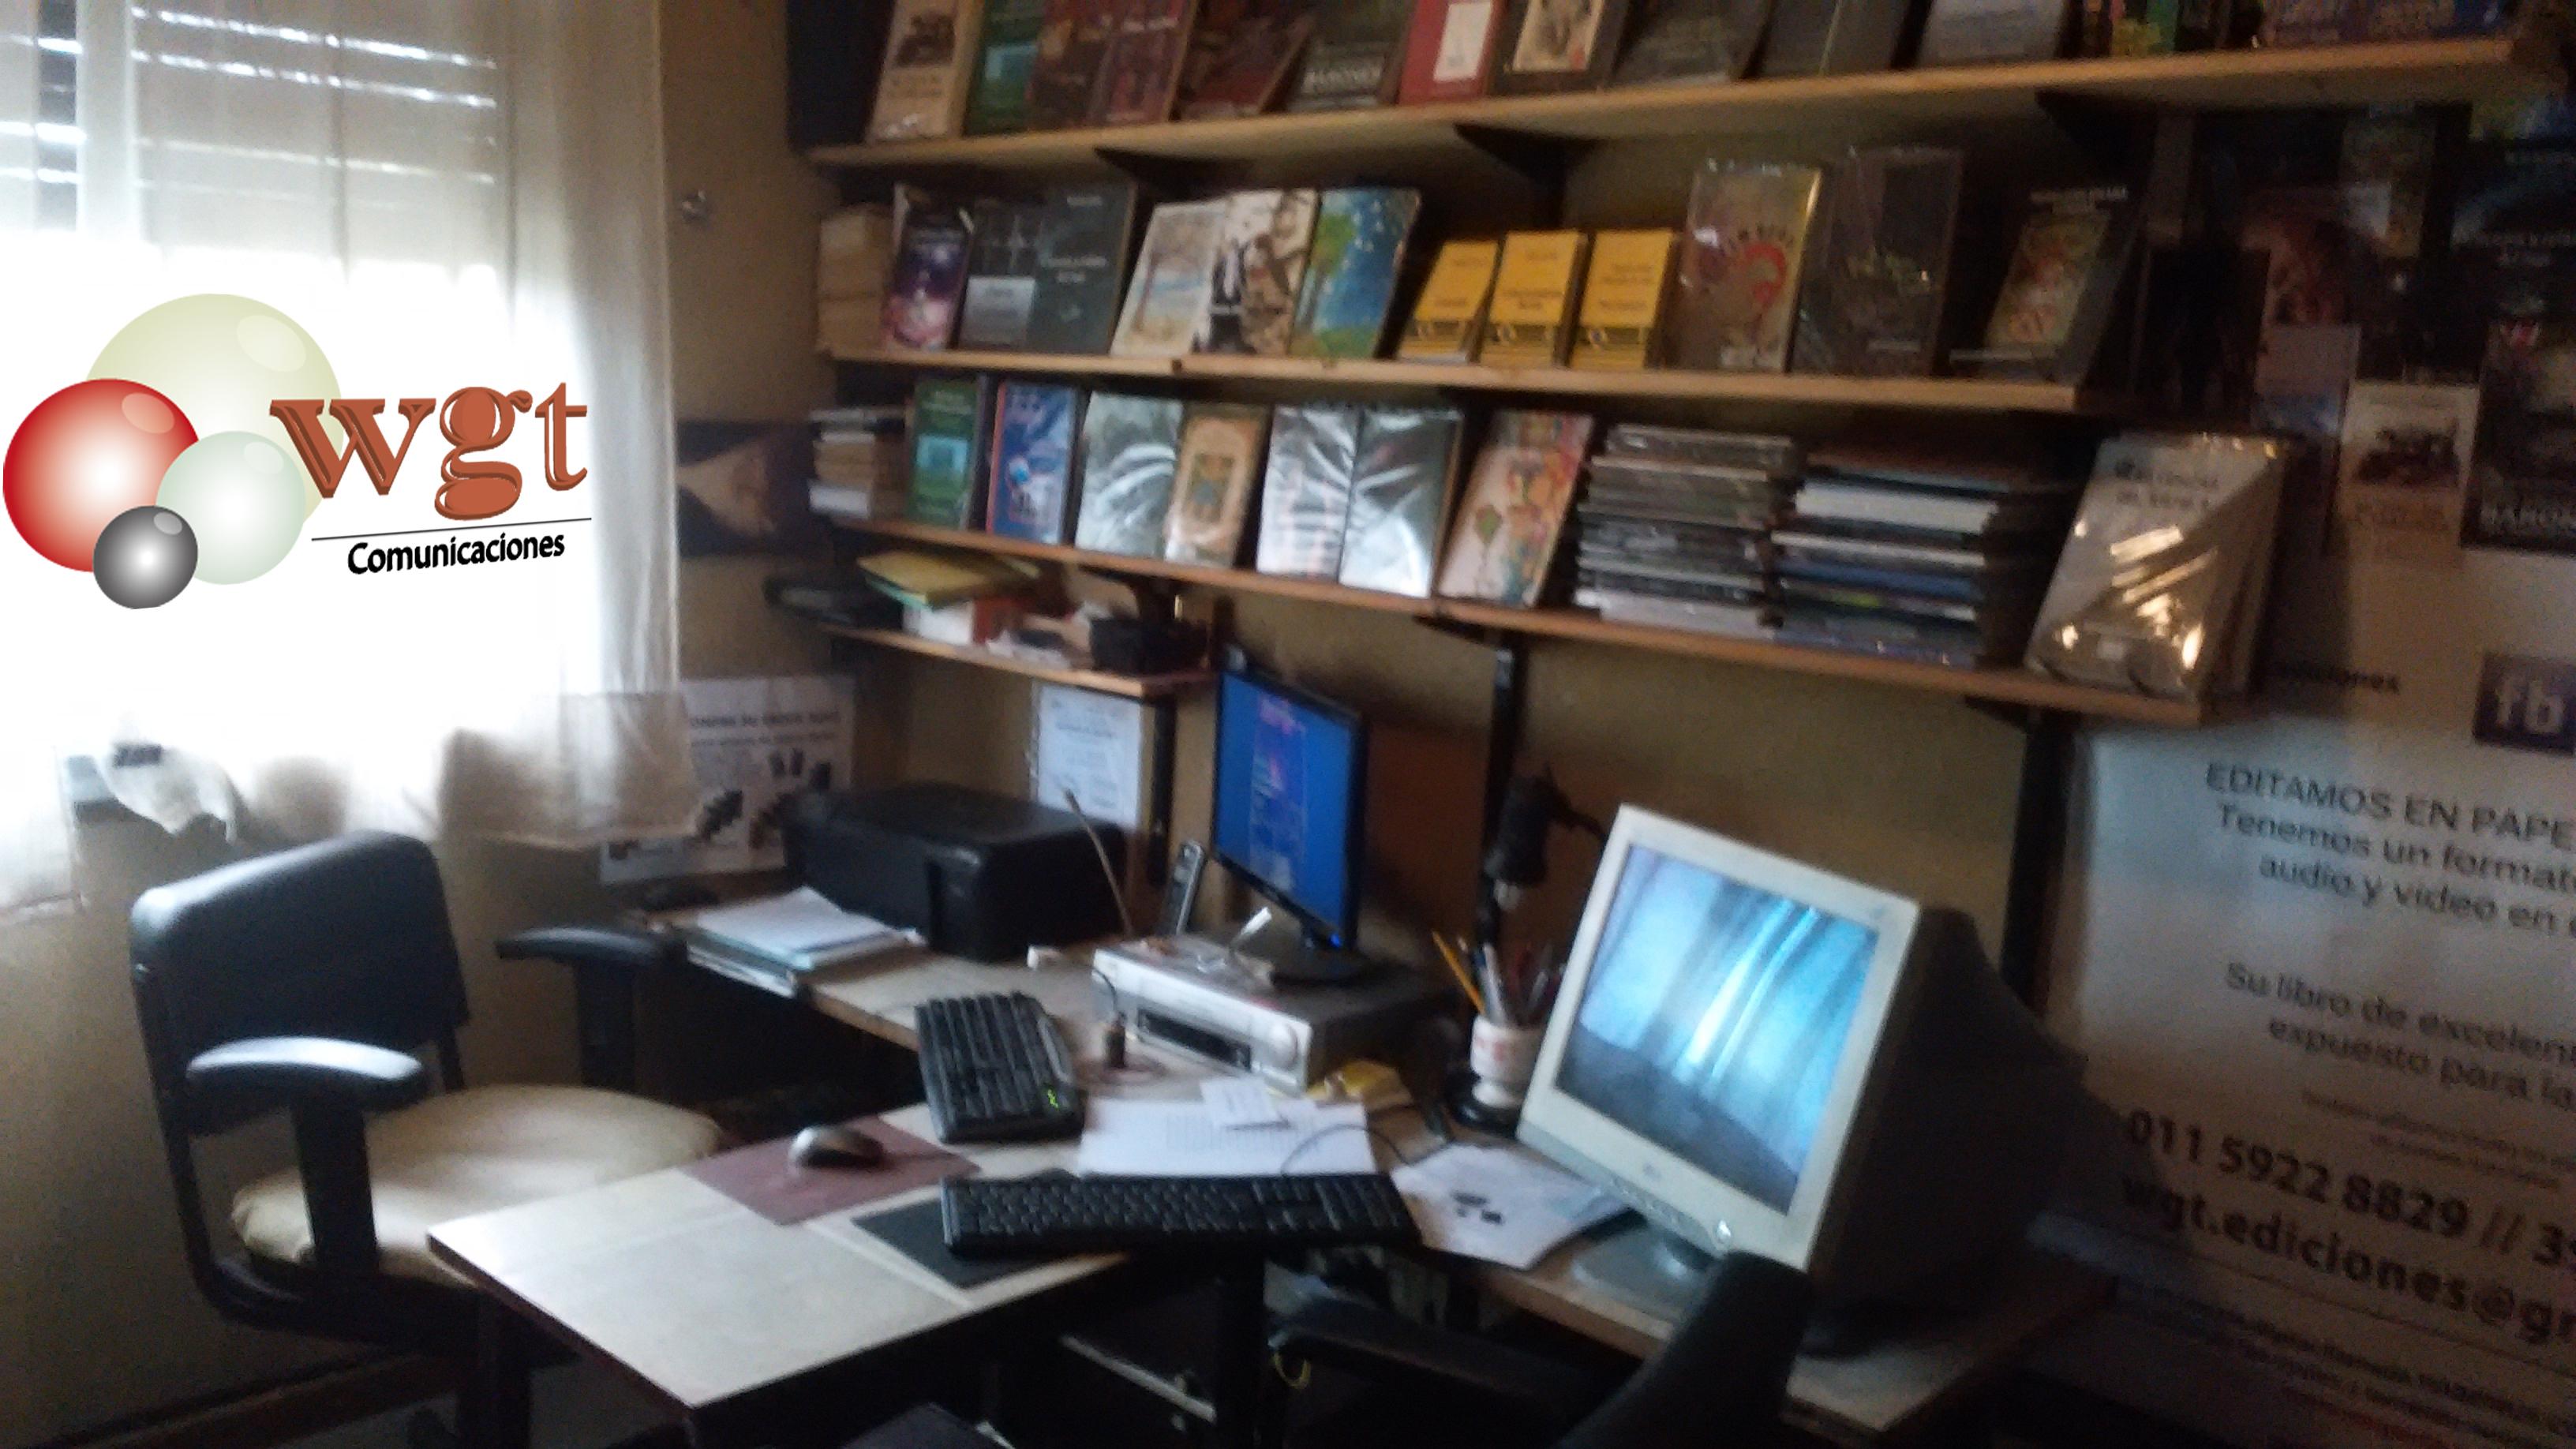 Oficina - WGT Ediciones